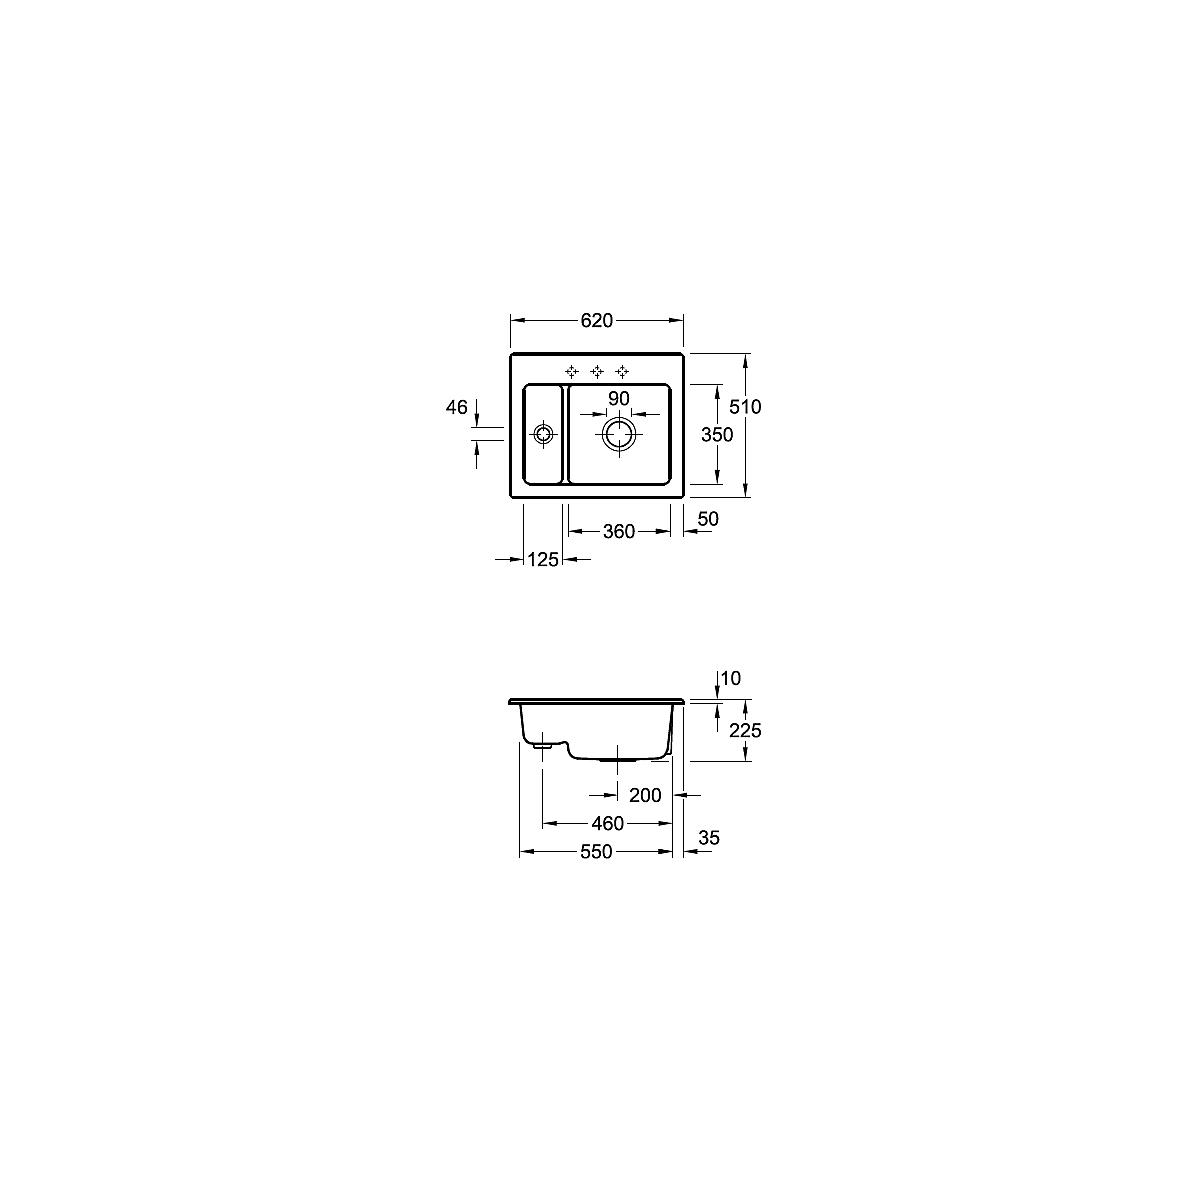 678002R1 Villeroy & Boch  V&B Subway 60 XM diskbänk i porslin 620x510 mm, Alpinvit, C+